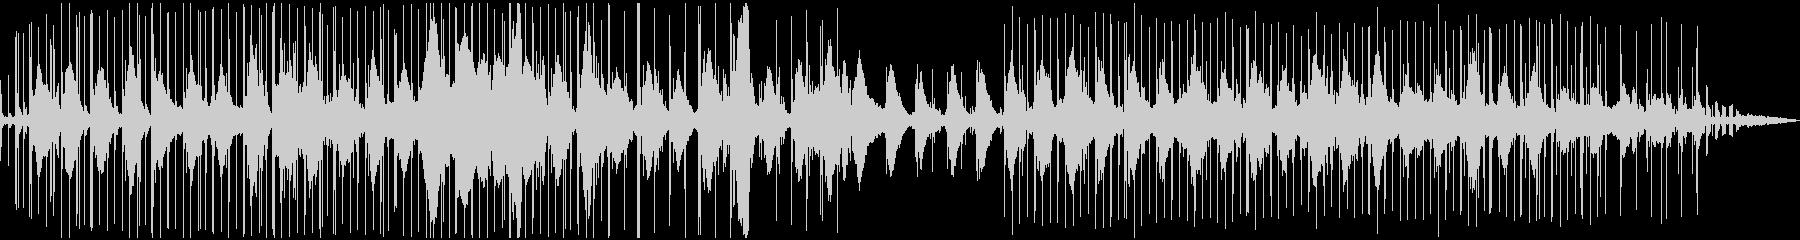 カモメが海の上を飛んでいるような電子音楽の未再生の波形